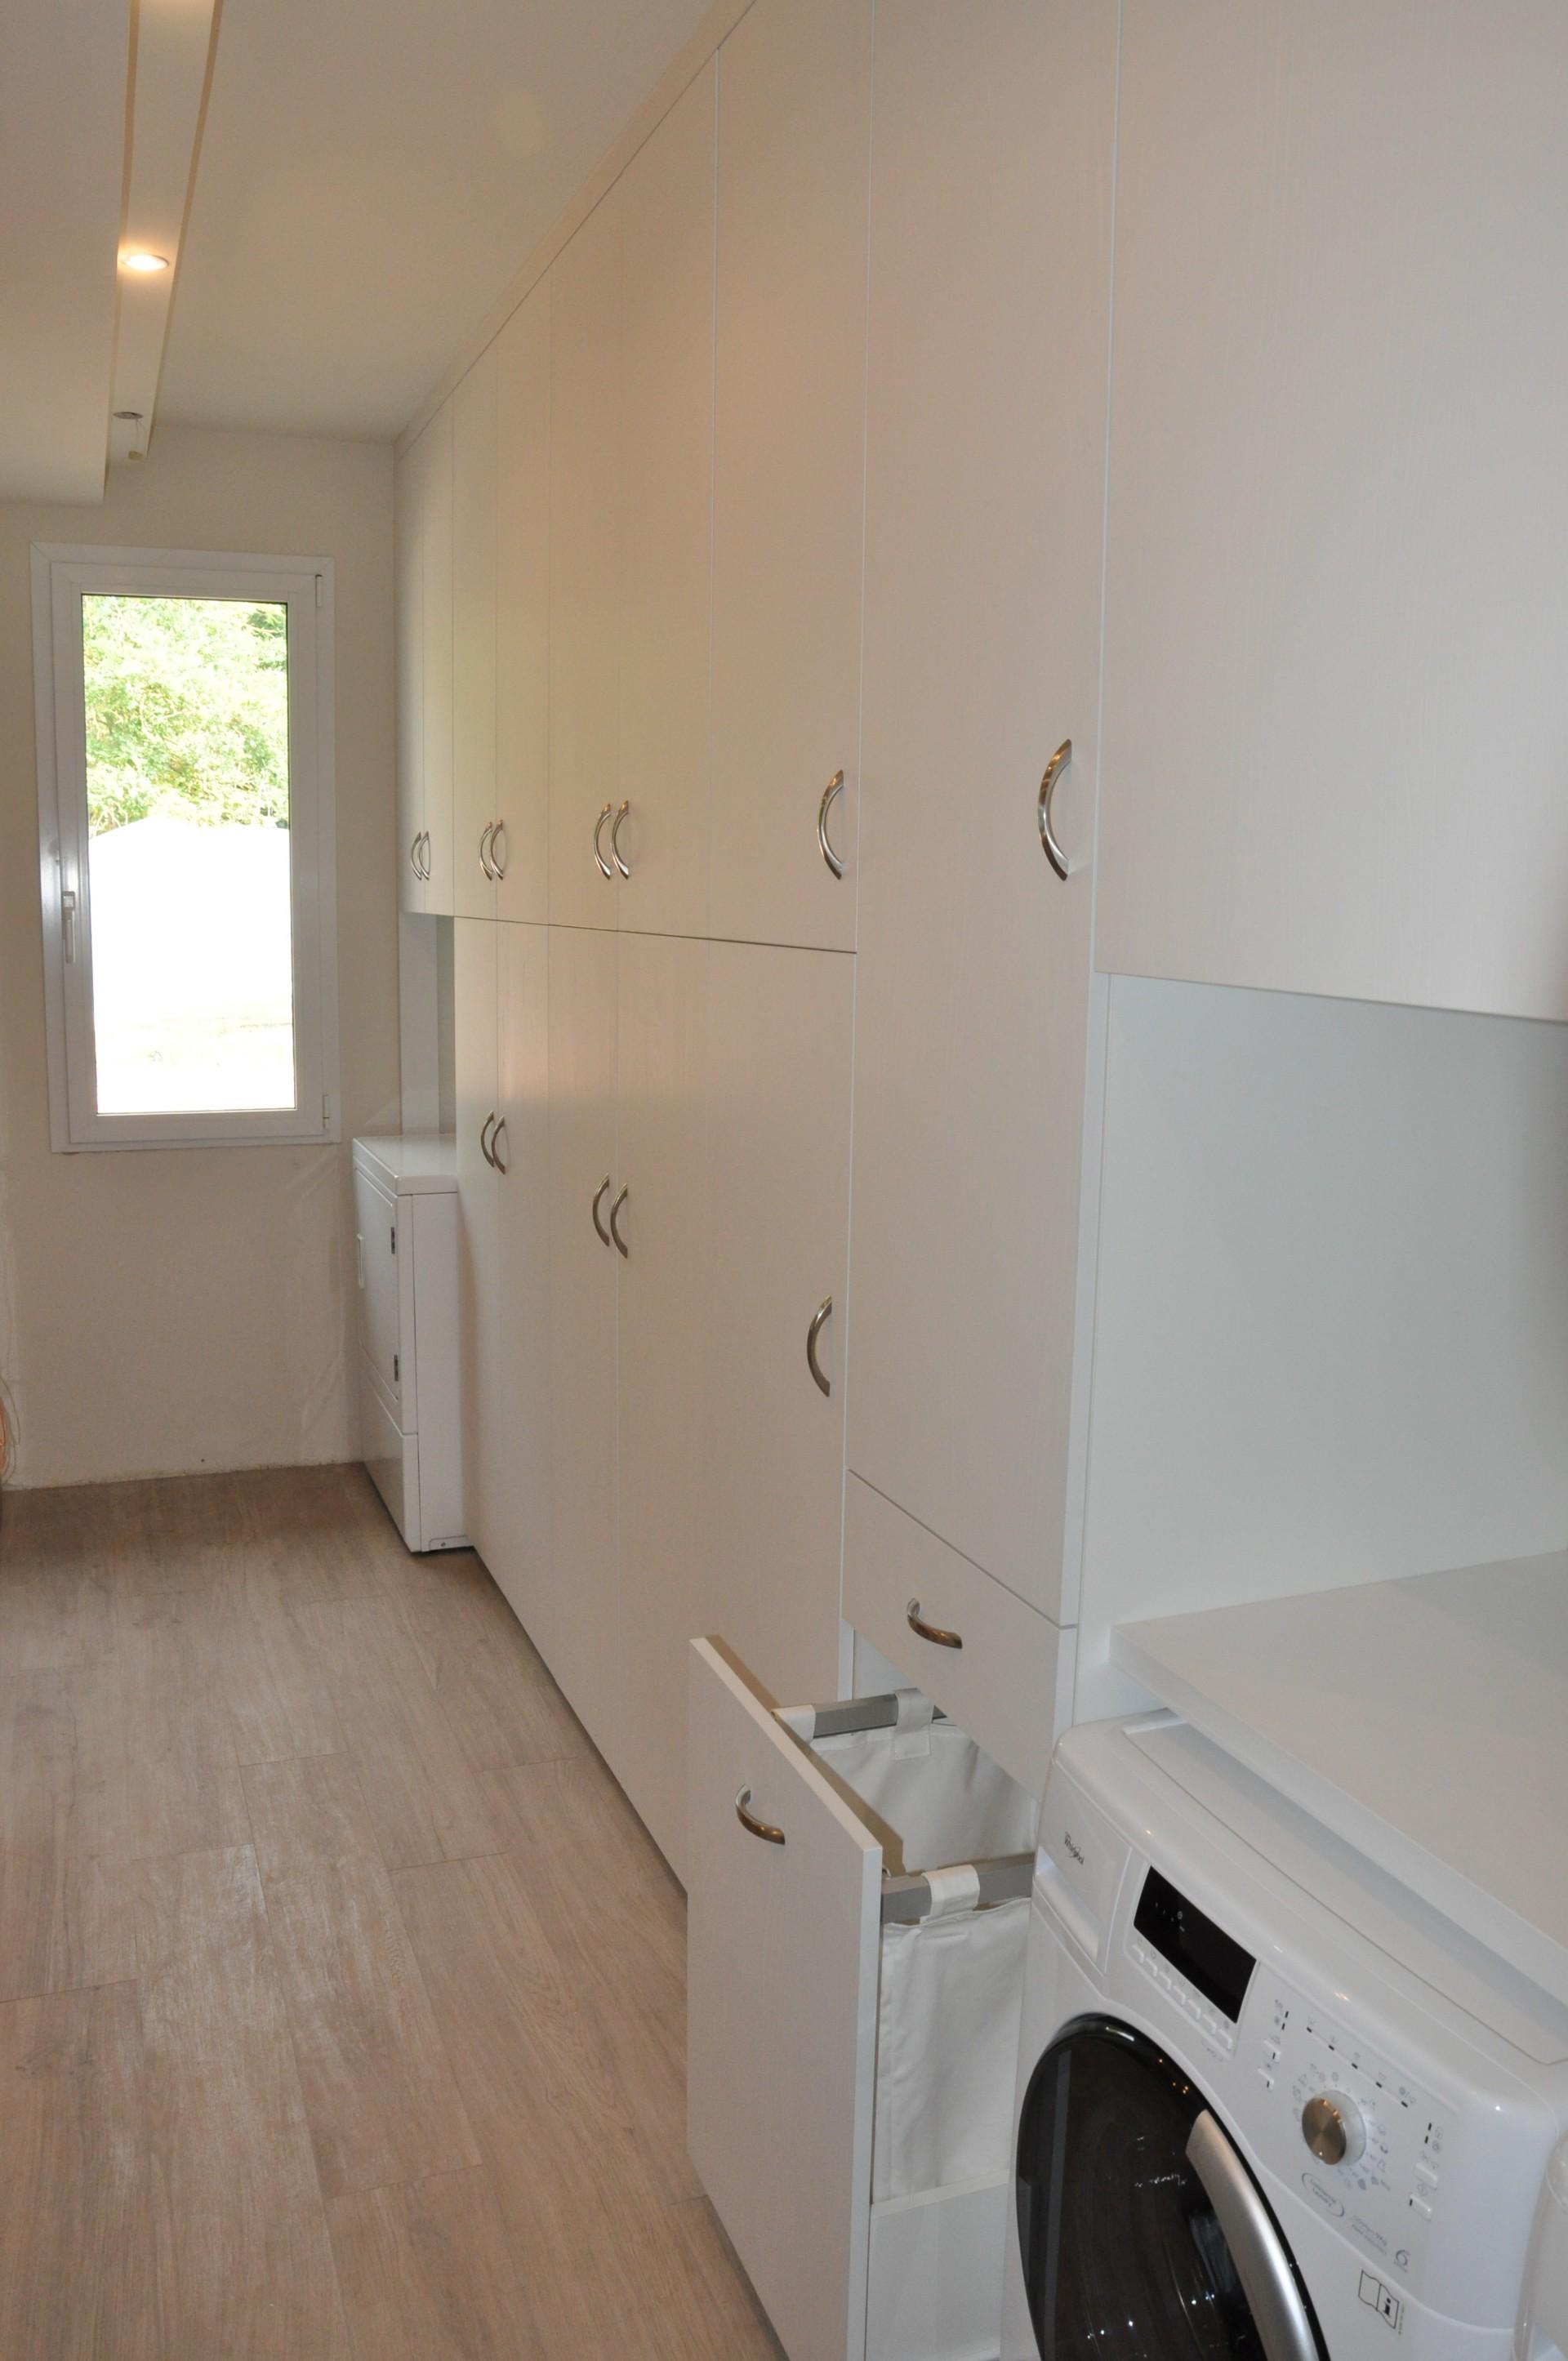 armadio per lavanderia   Fadini Mobili Cerea Verona